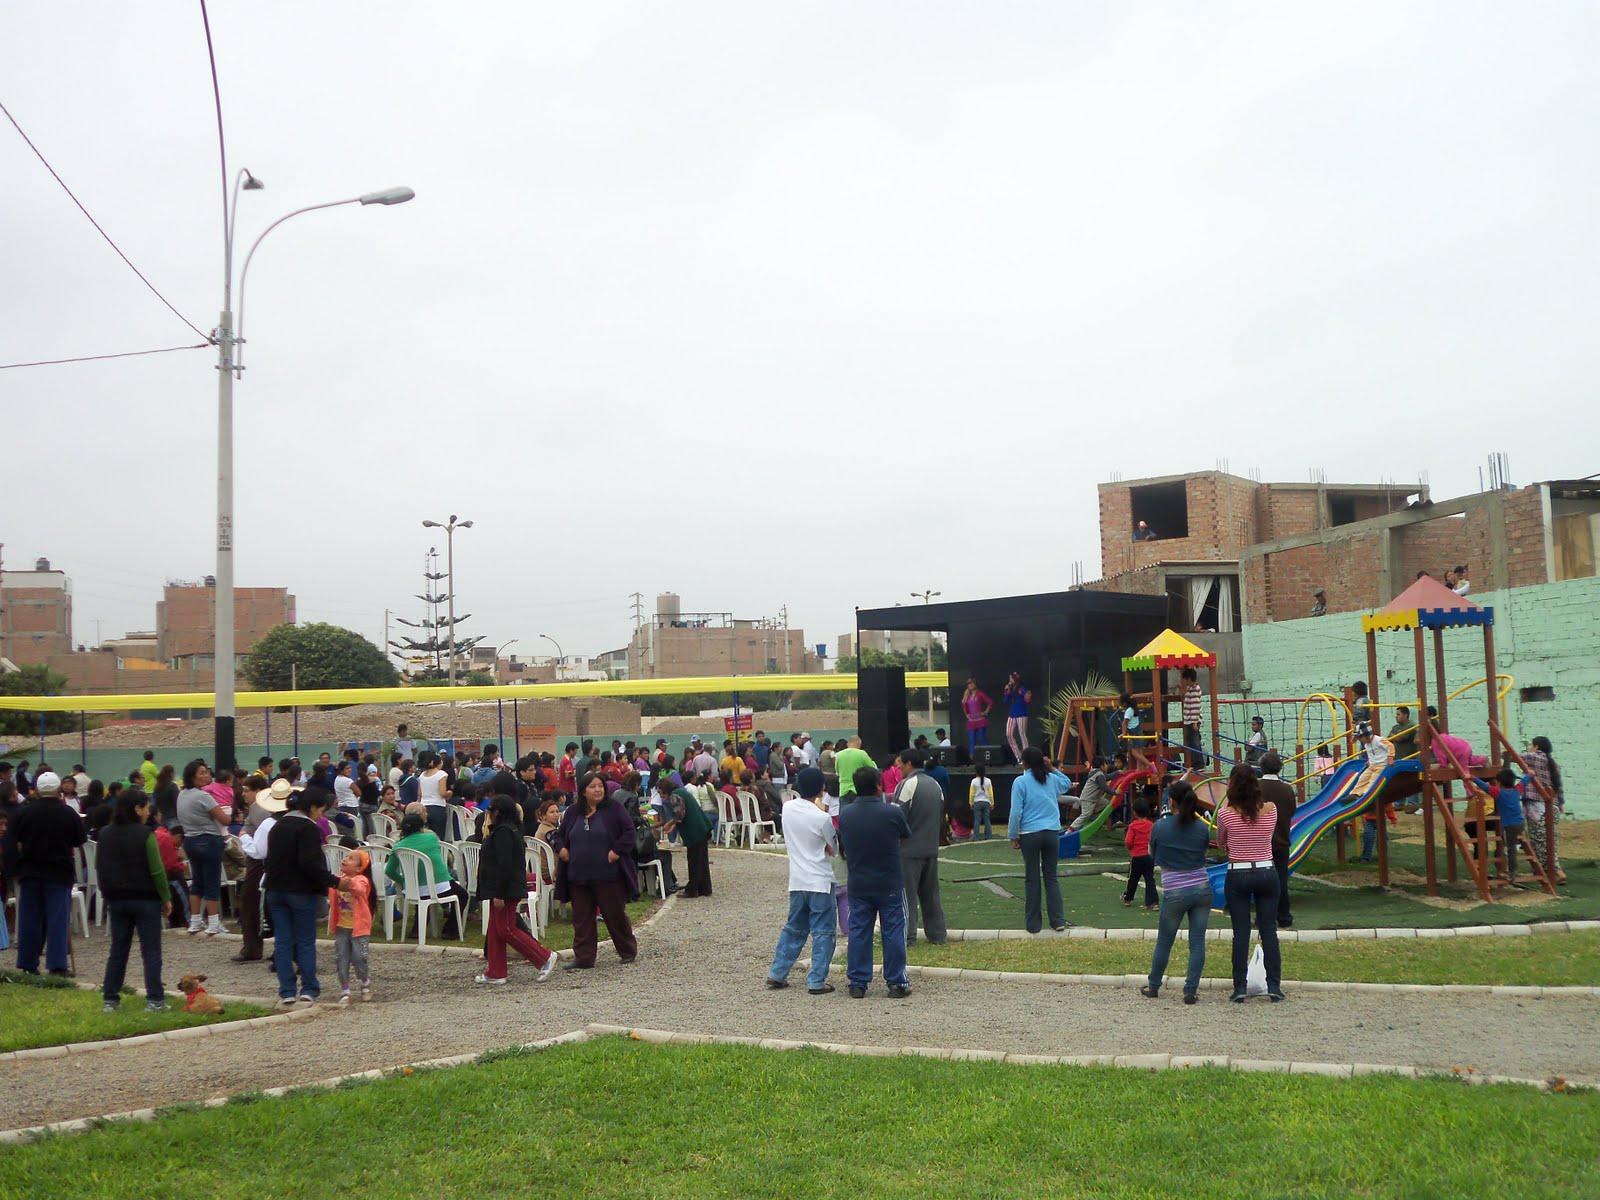 Noticias juan cruz inauguraci n del parque el vivero en for Vivero del parque